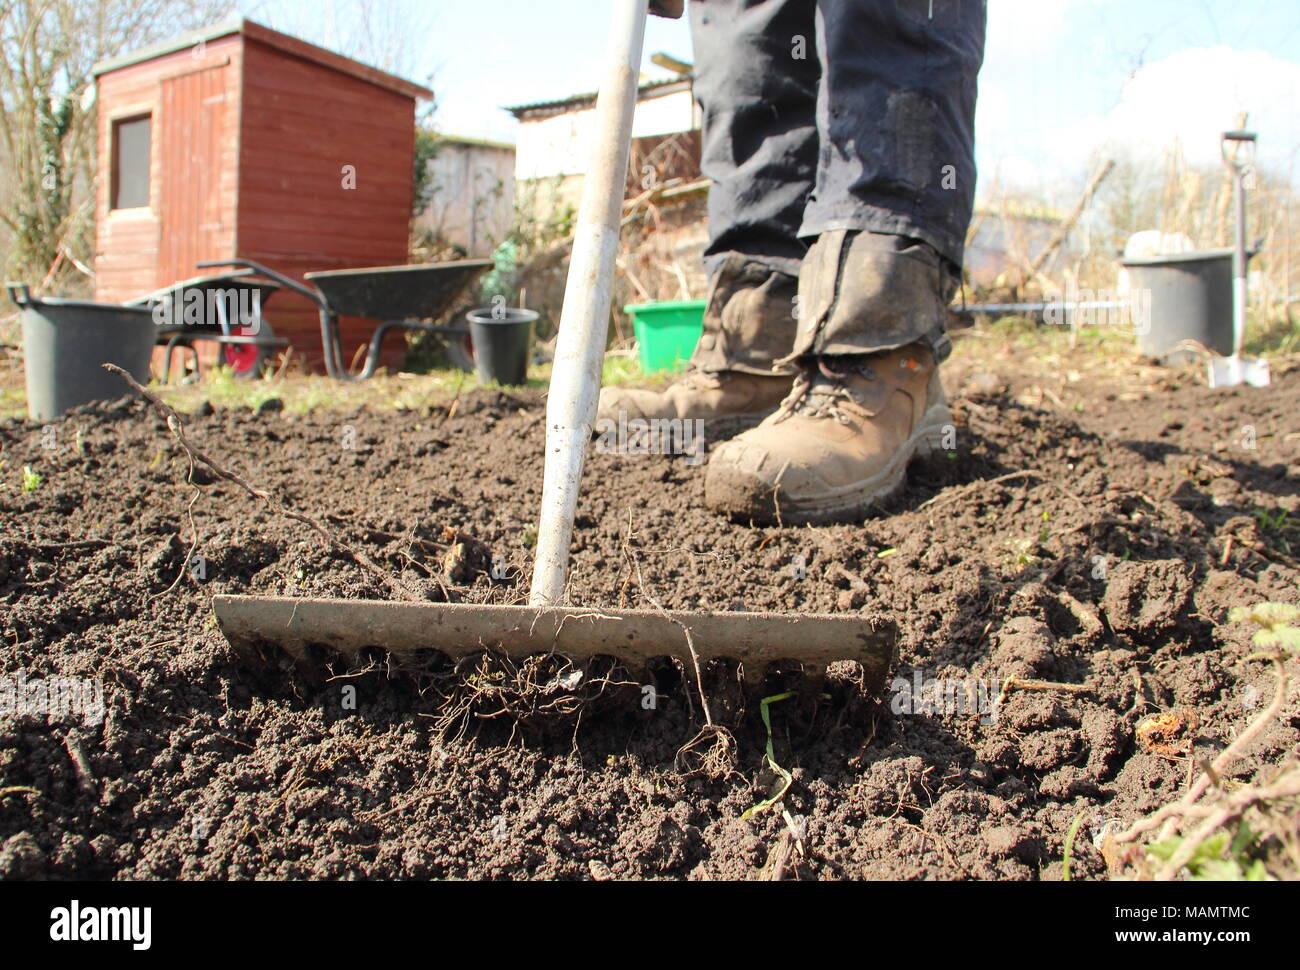 Jardinero jefe de nivel utiliza el rastrillo para romper el suelo y quitar las malas hierbas en una cama vegetal antes de la siembra, a comienzos de la primavera, REINO UNIDO Imagen De Stock